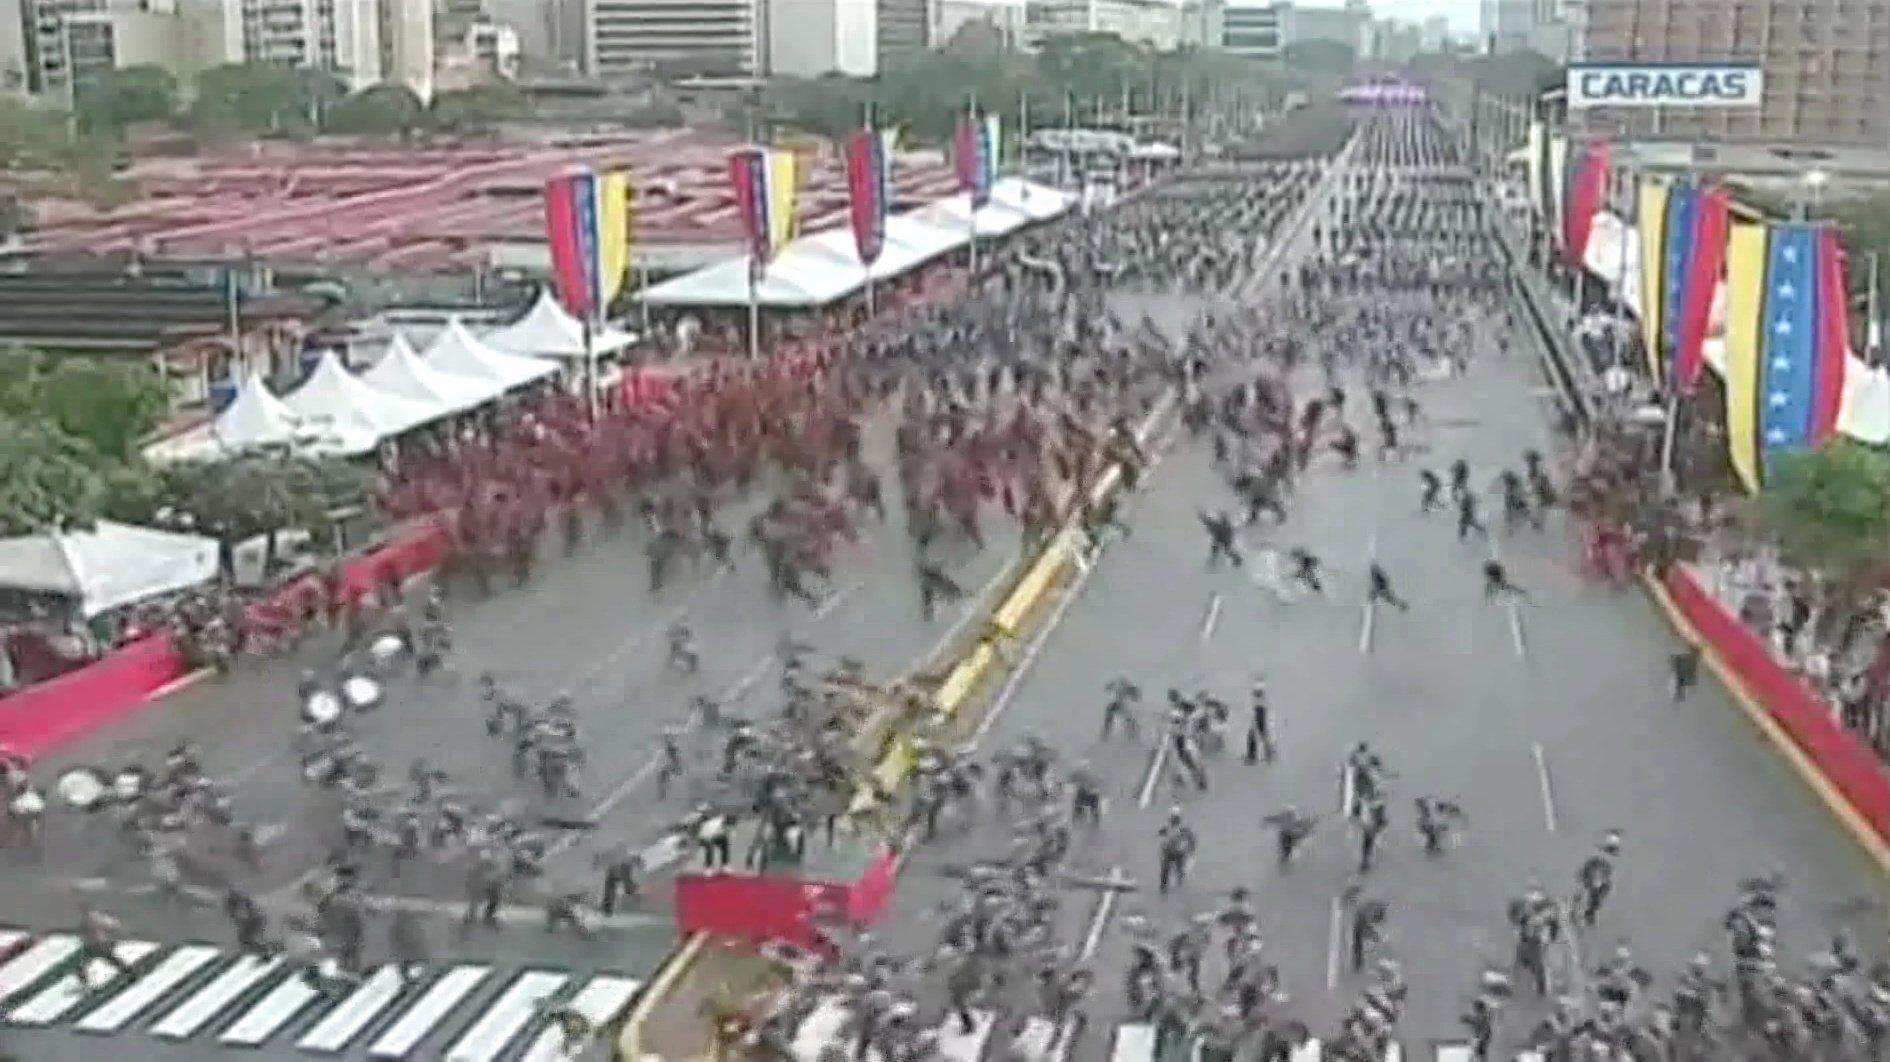 Ataque con drones en Caracas. (Foto: EFE)